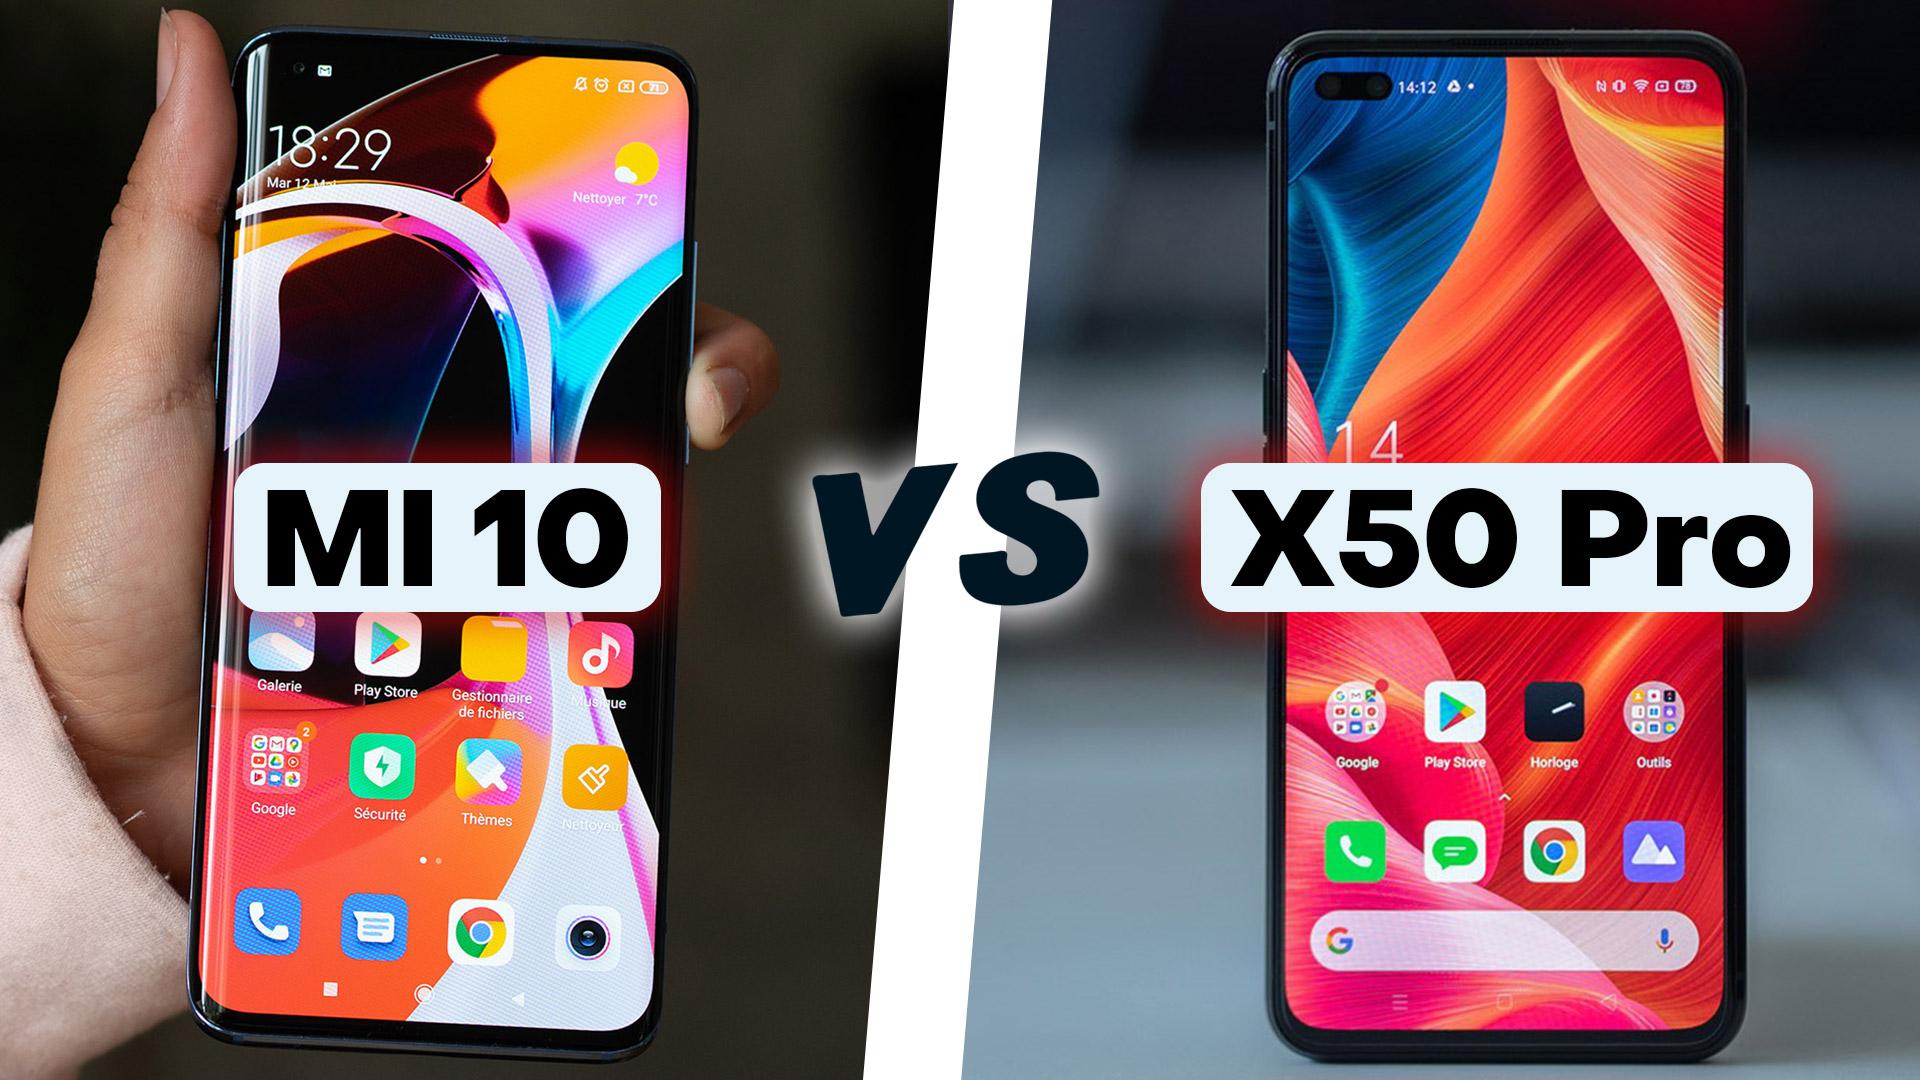 mi 10 vs x50 pro